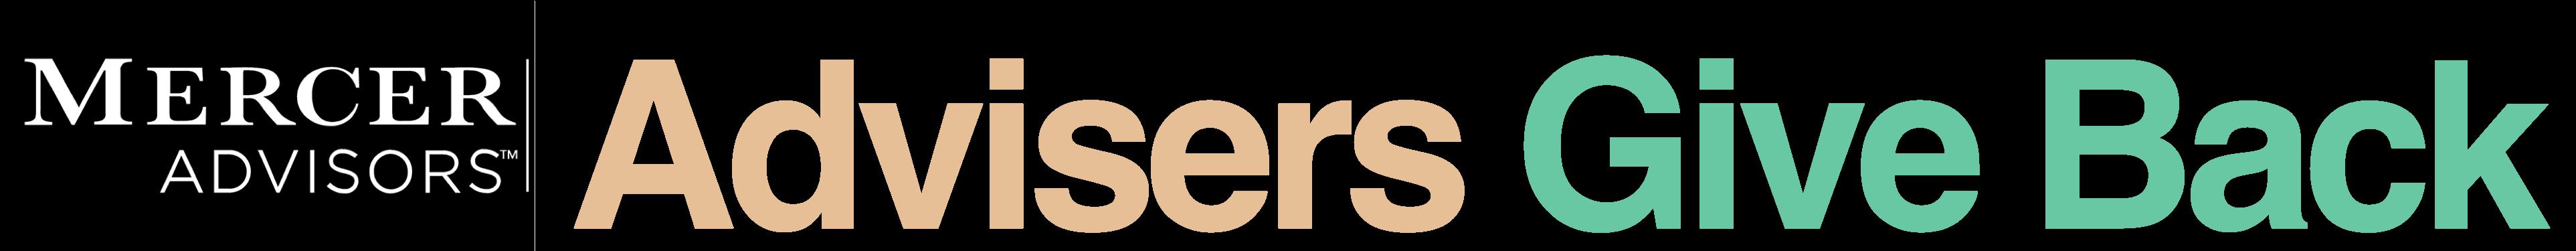 MercerAdvisors.v.3.001